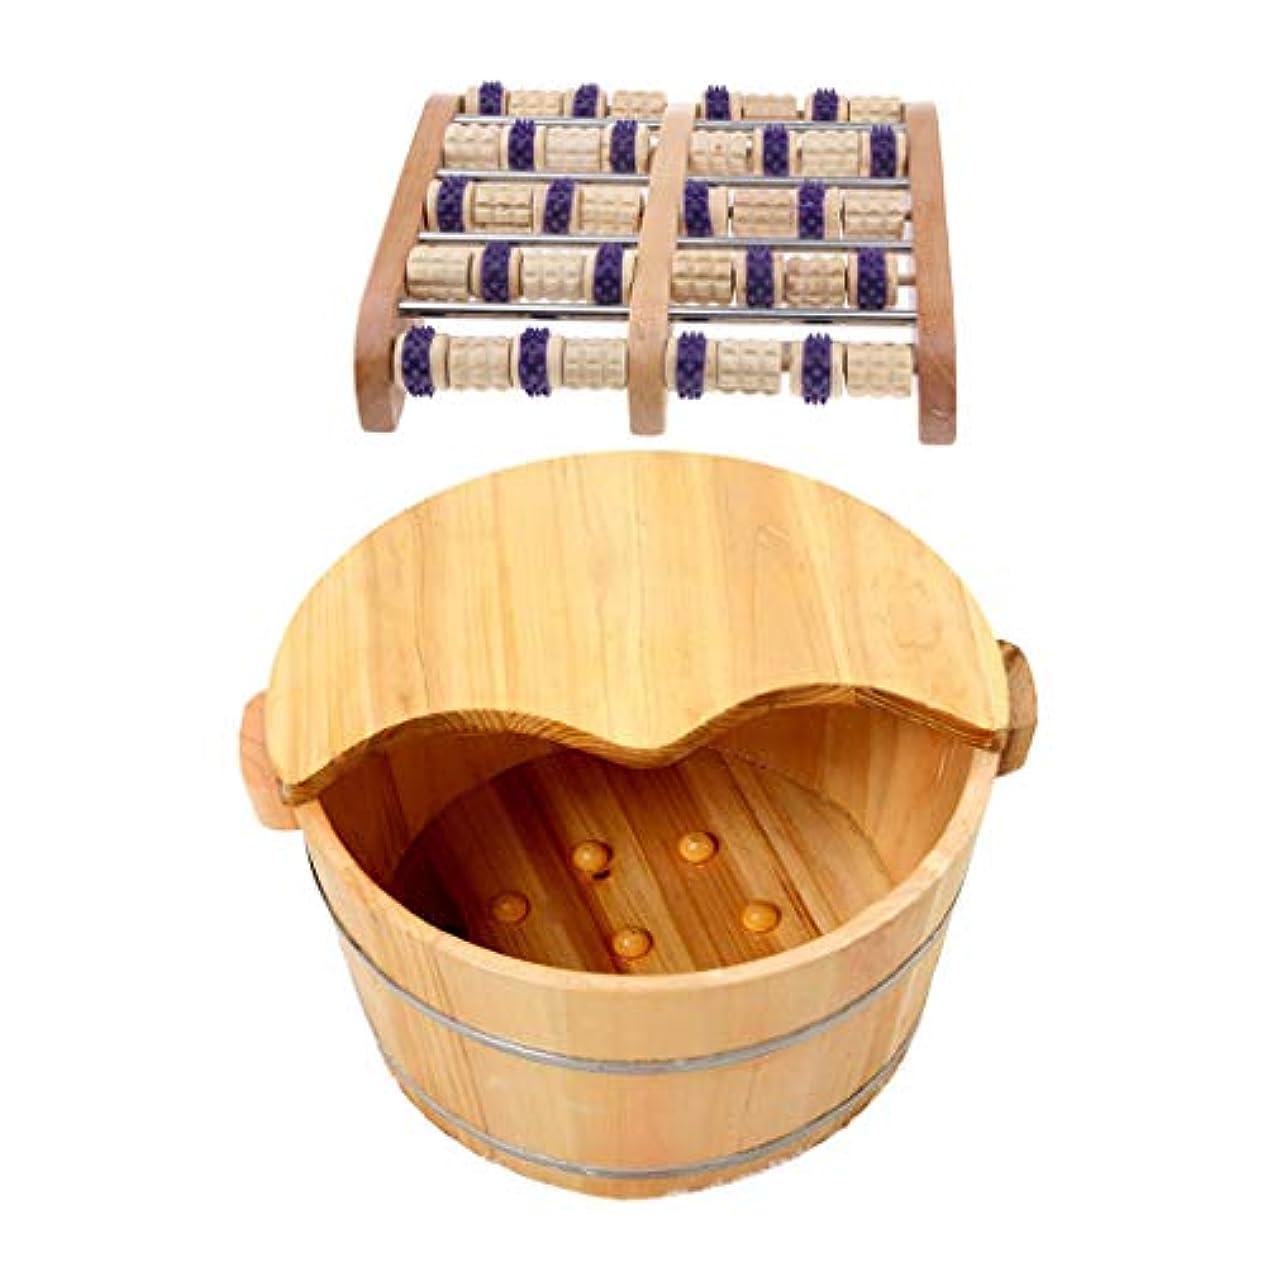 一方、守る衝突するFenteer 足つぼマッサージ 手作りウッドマッサー フット ローラー 足裏刺激 血行促進 木製の足の洗面台付き